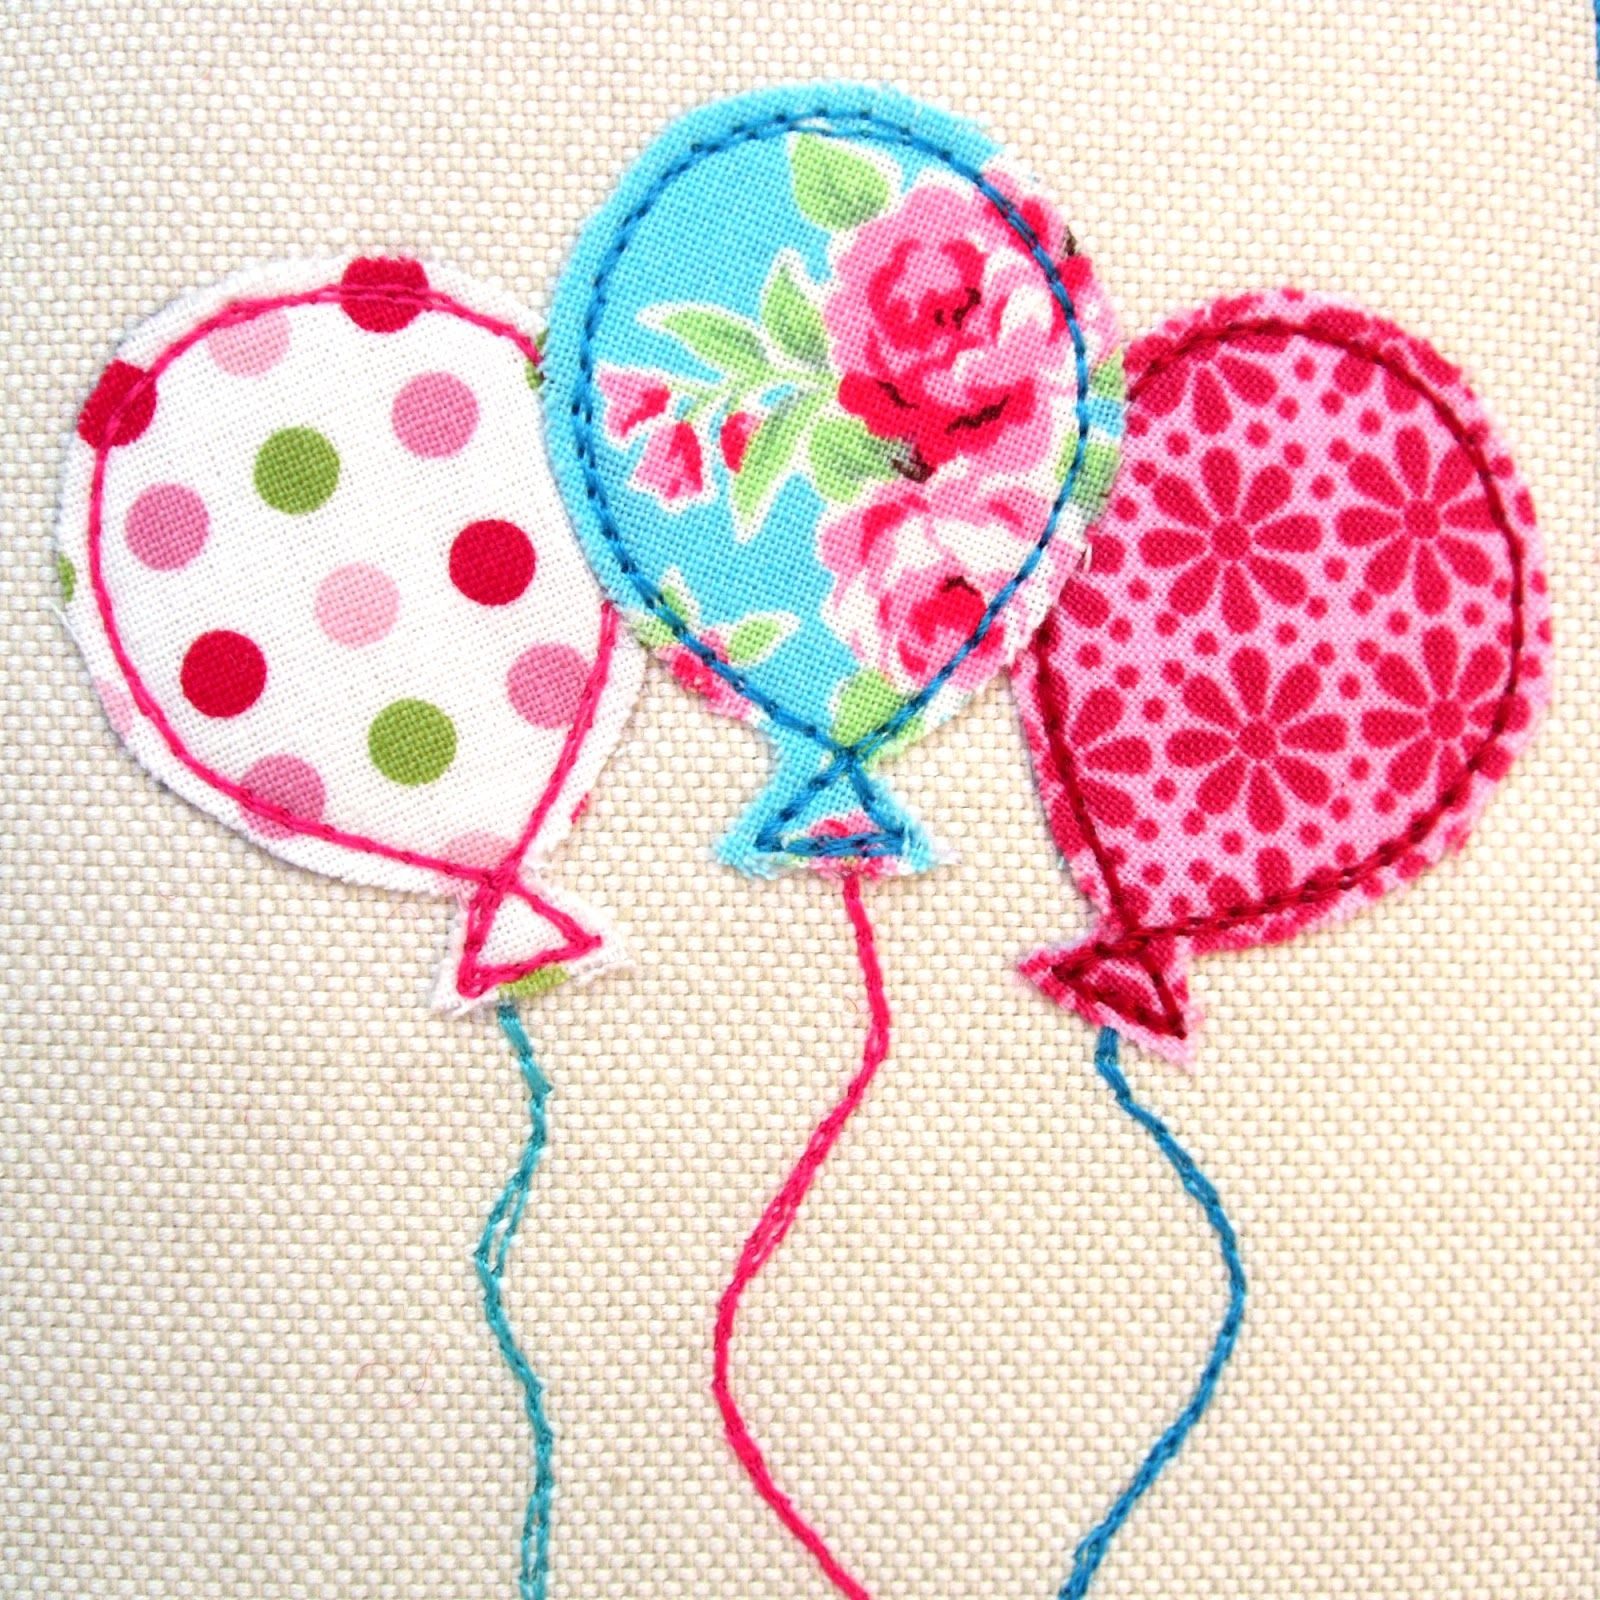 Luftballons   Nähen   Pinterest   Luftballons, Applikationen und Nähen